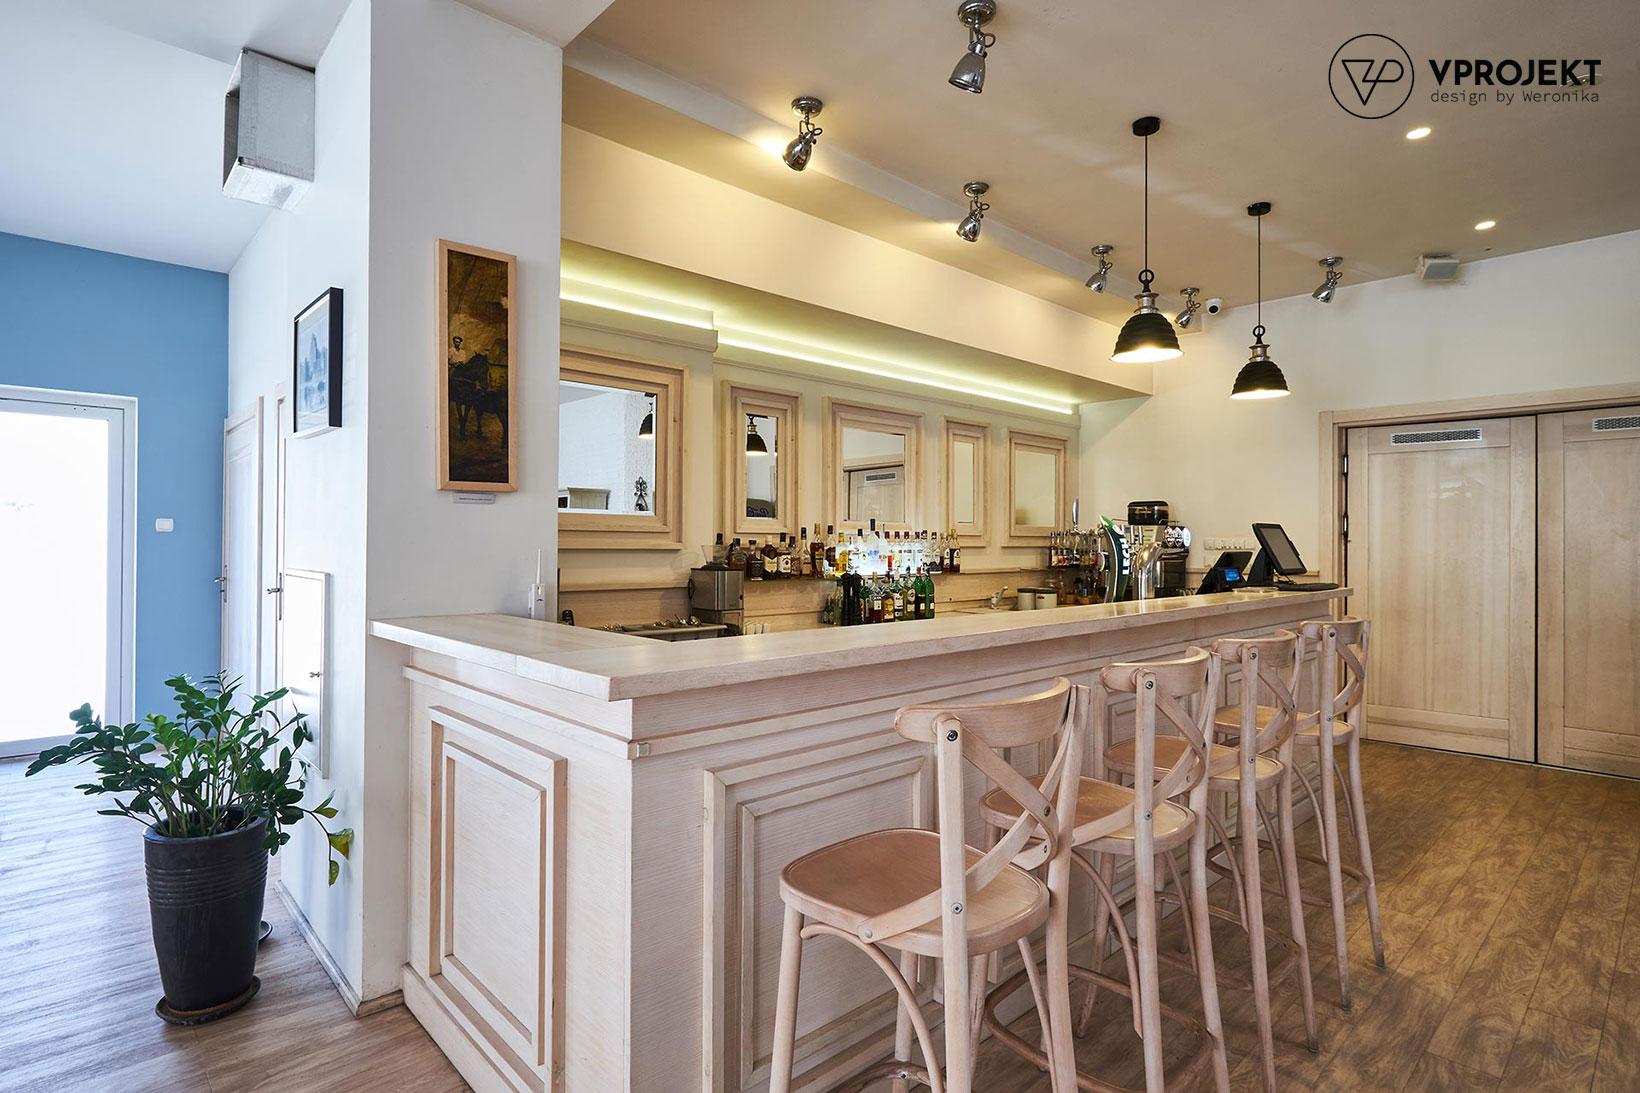 Bar, restauracja Porto w Giżycku